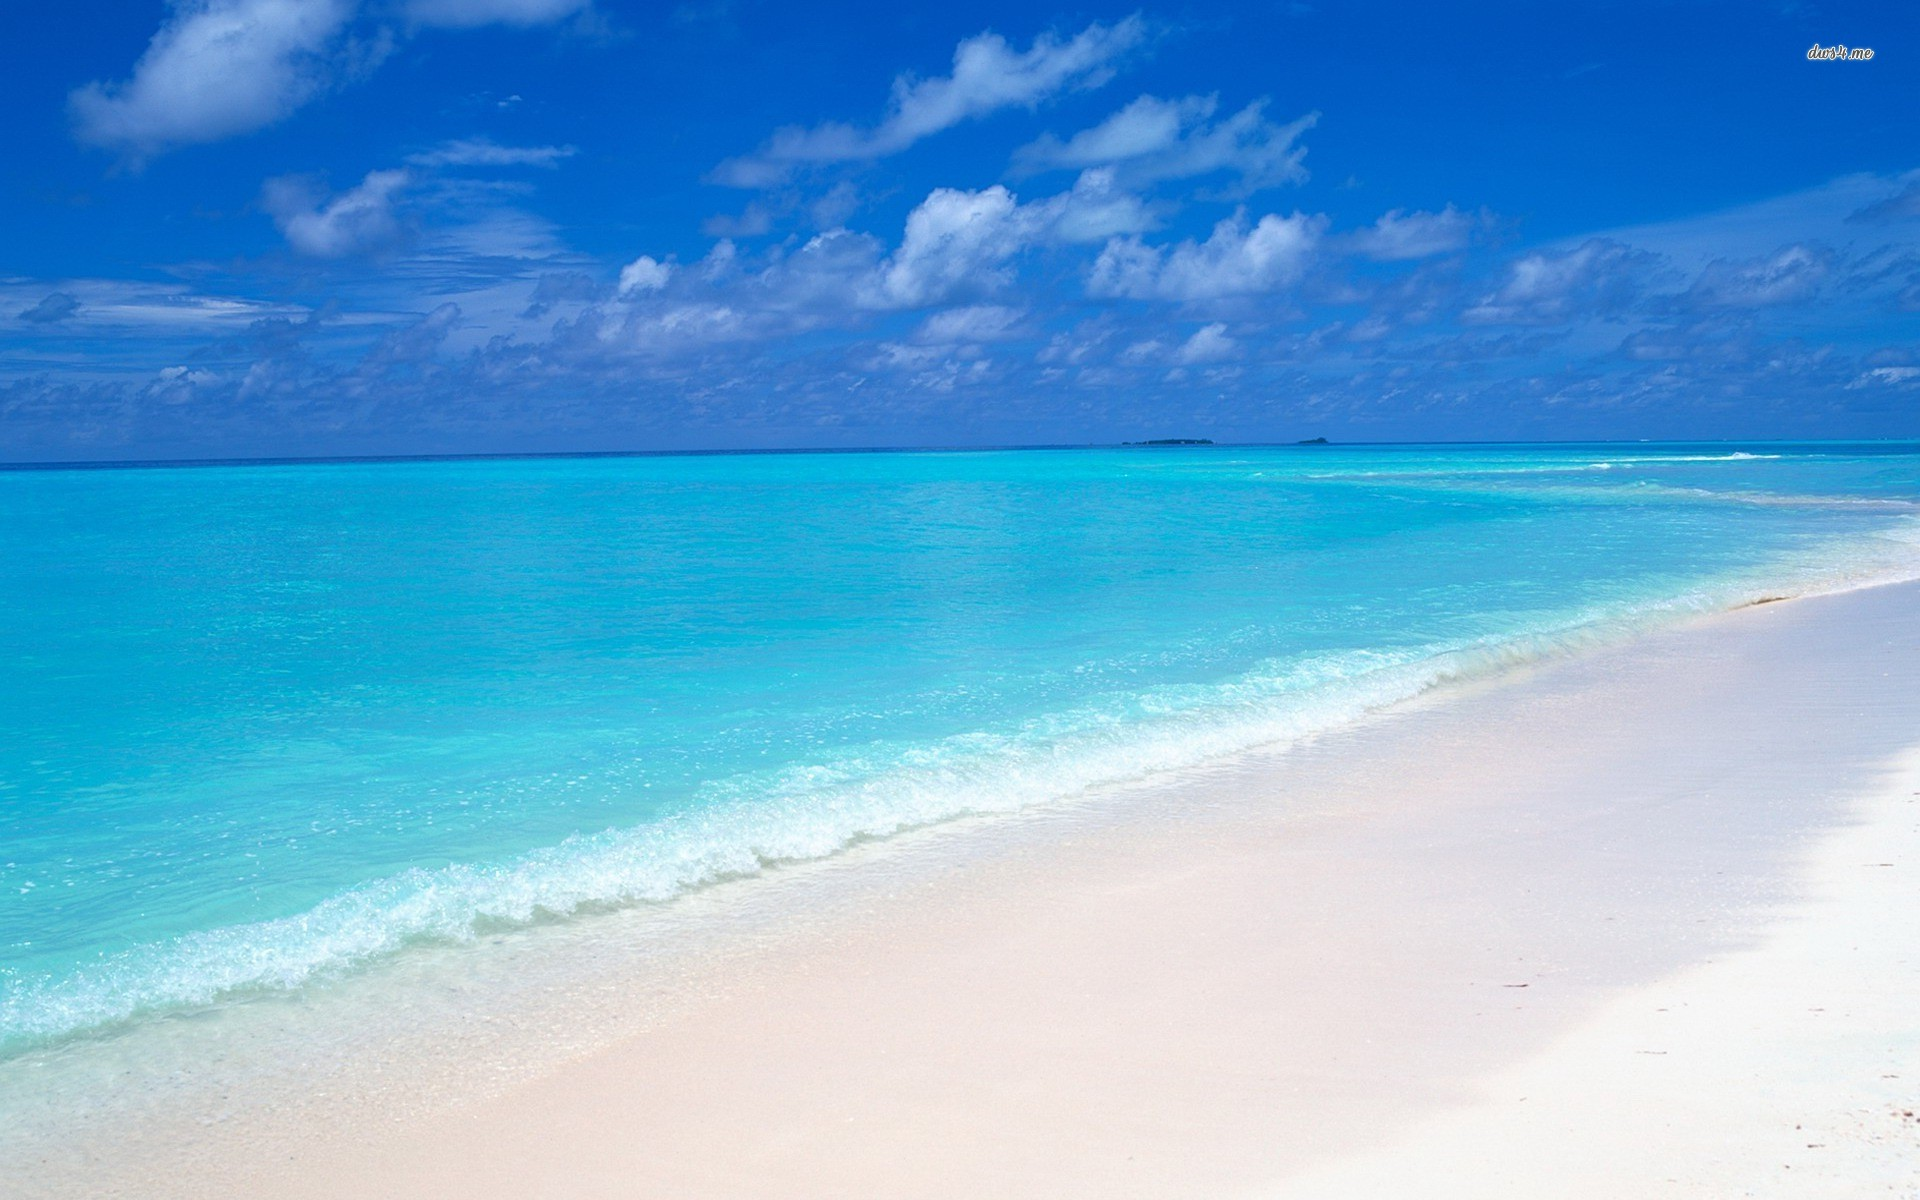 35 Desktop Backgrounds Beach Download Free Beautiful: Free 3D Beach Wallpaper